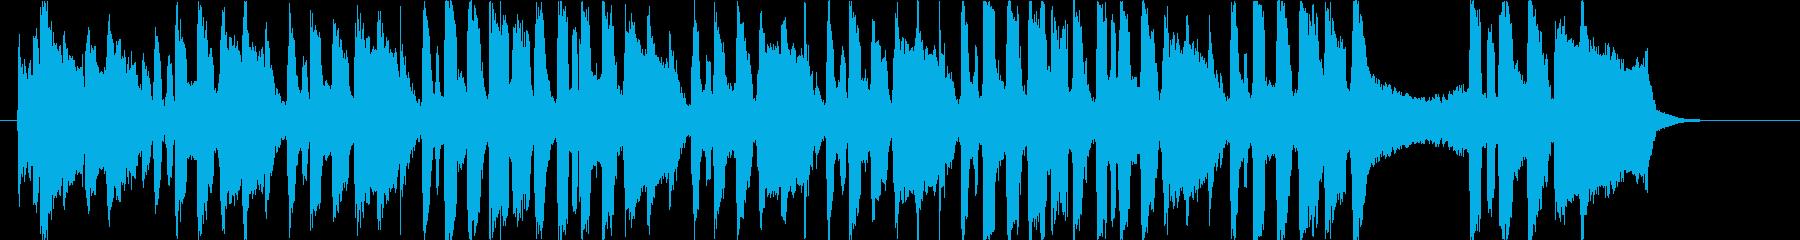 誕生日の歌(ワルツver) 【ミユ】の再生済みの波形